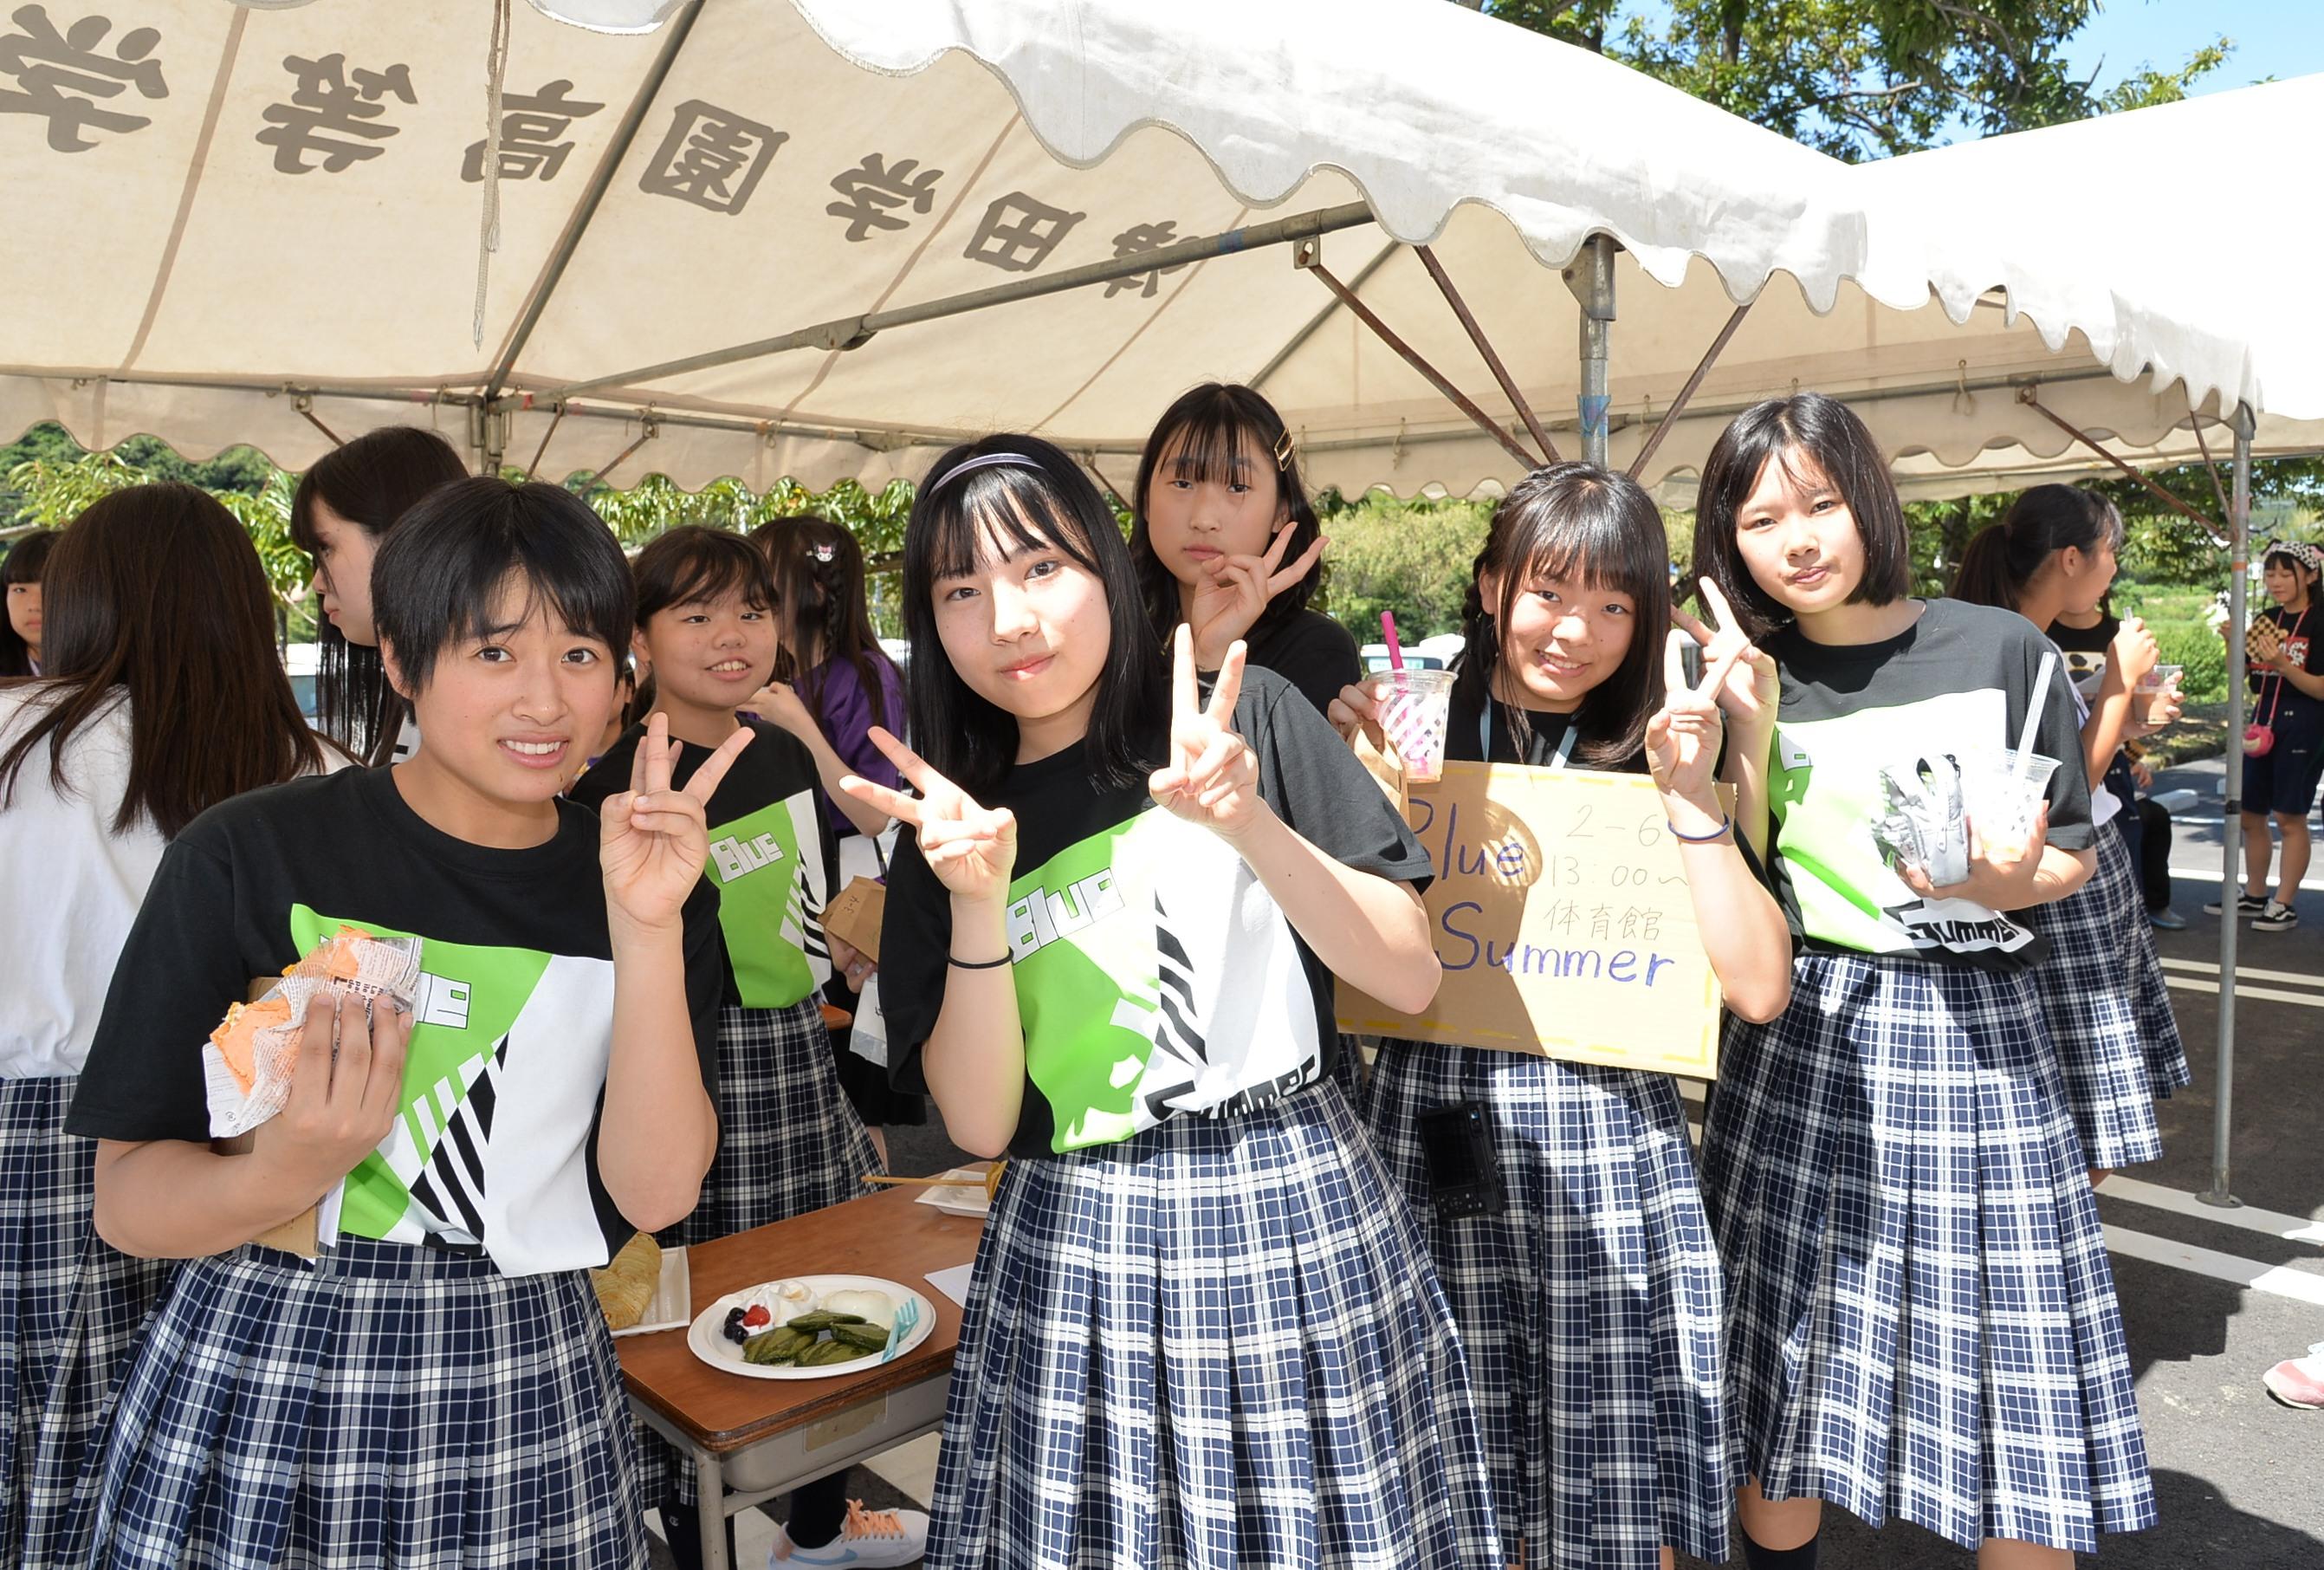 文化祭 | 津田学園高等学校